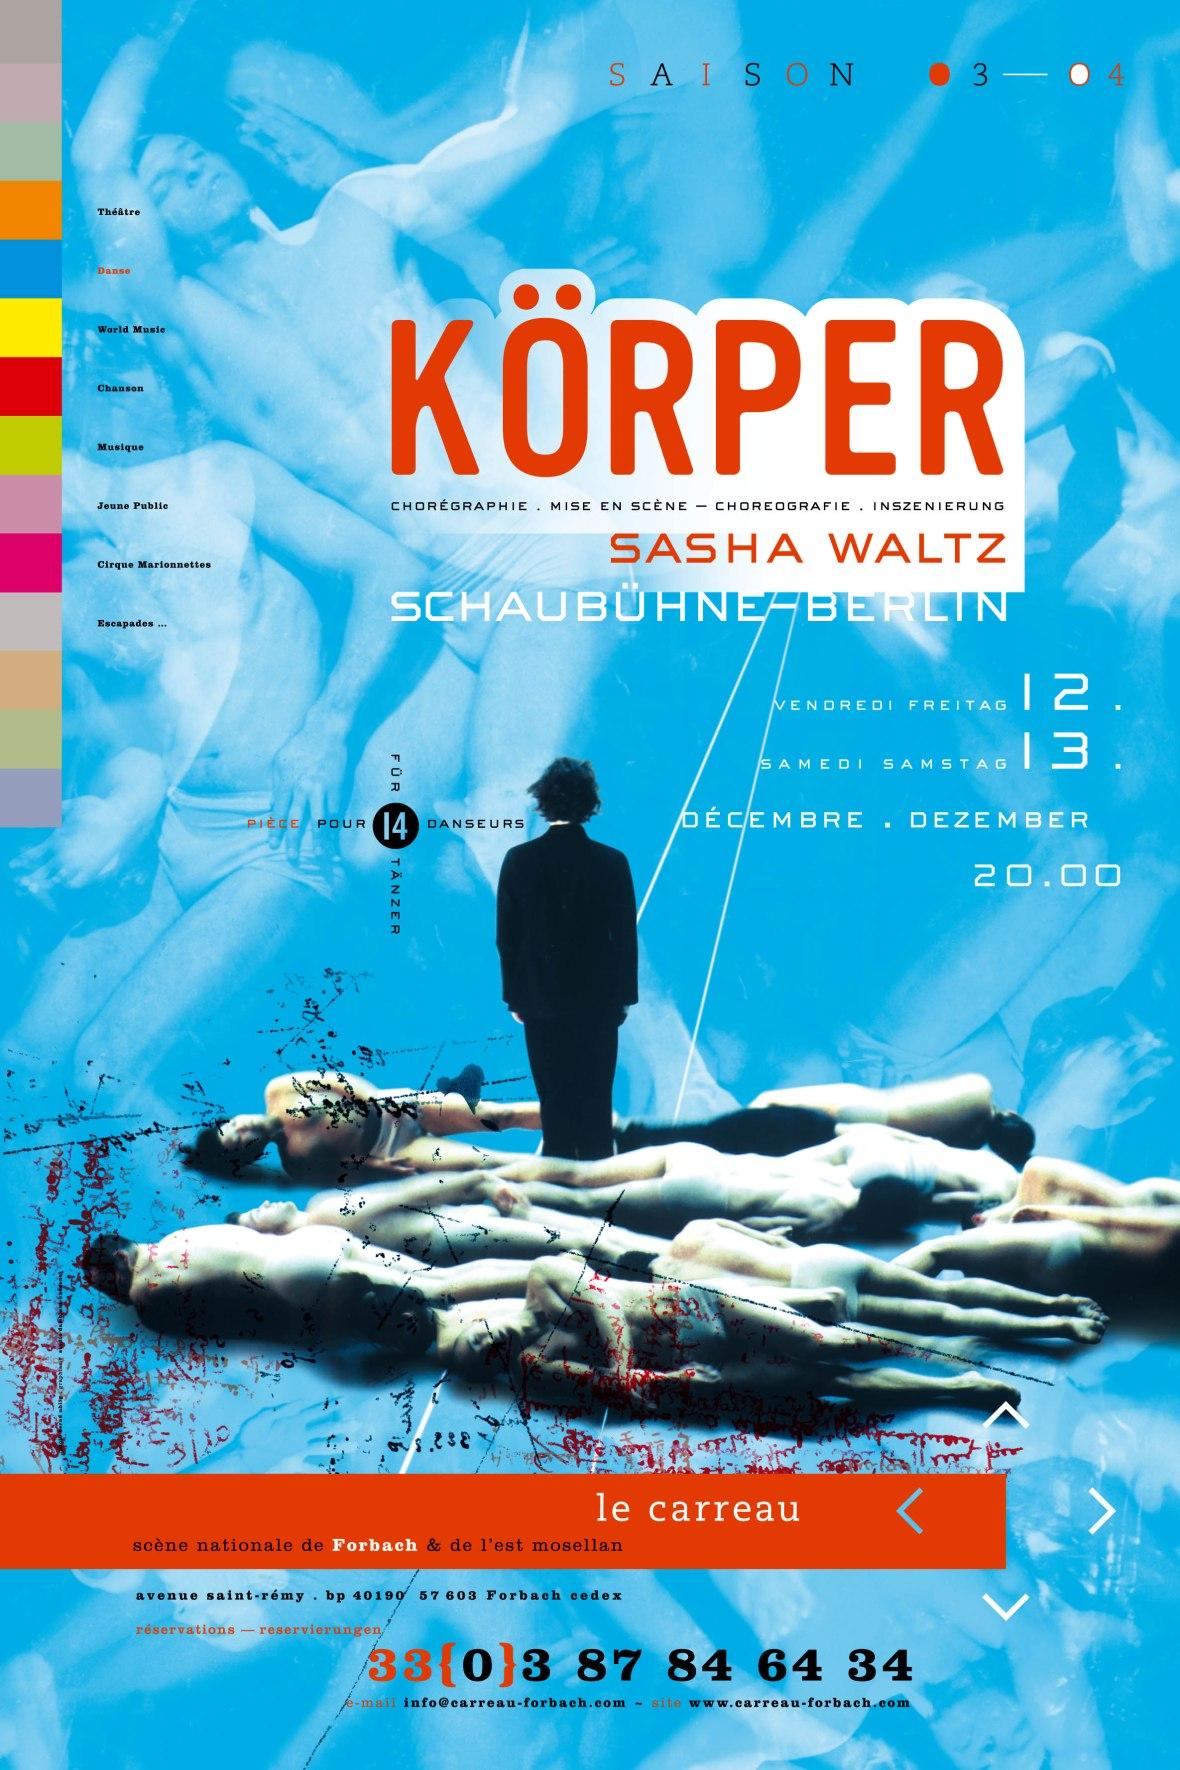 CARREAU 2003 AFFICHE KORPER